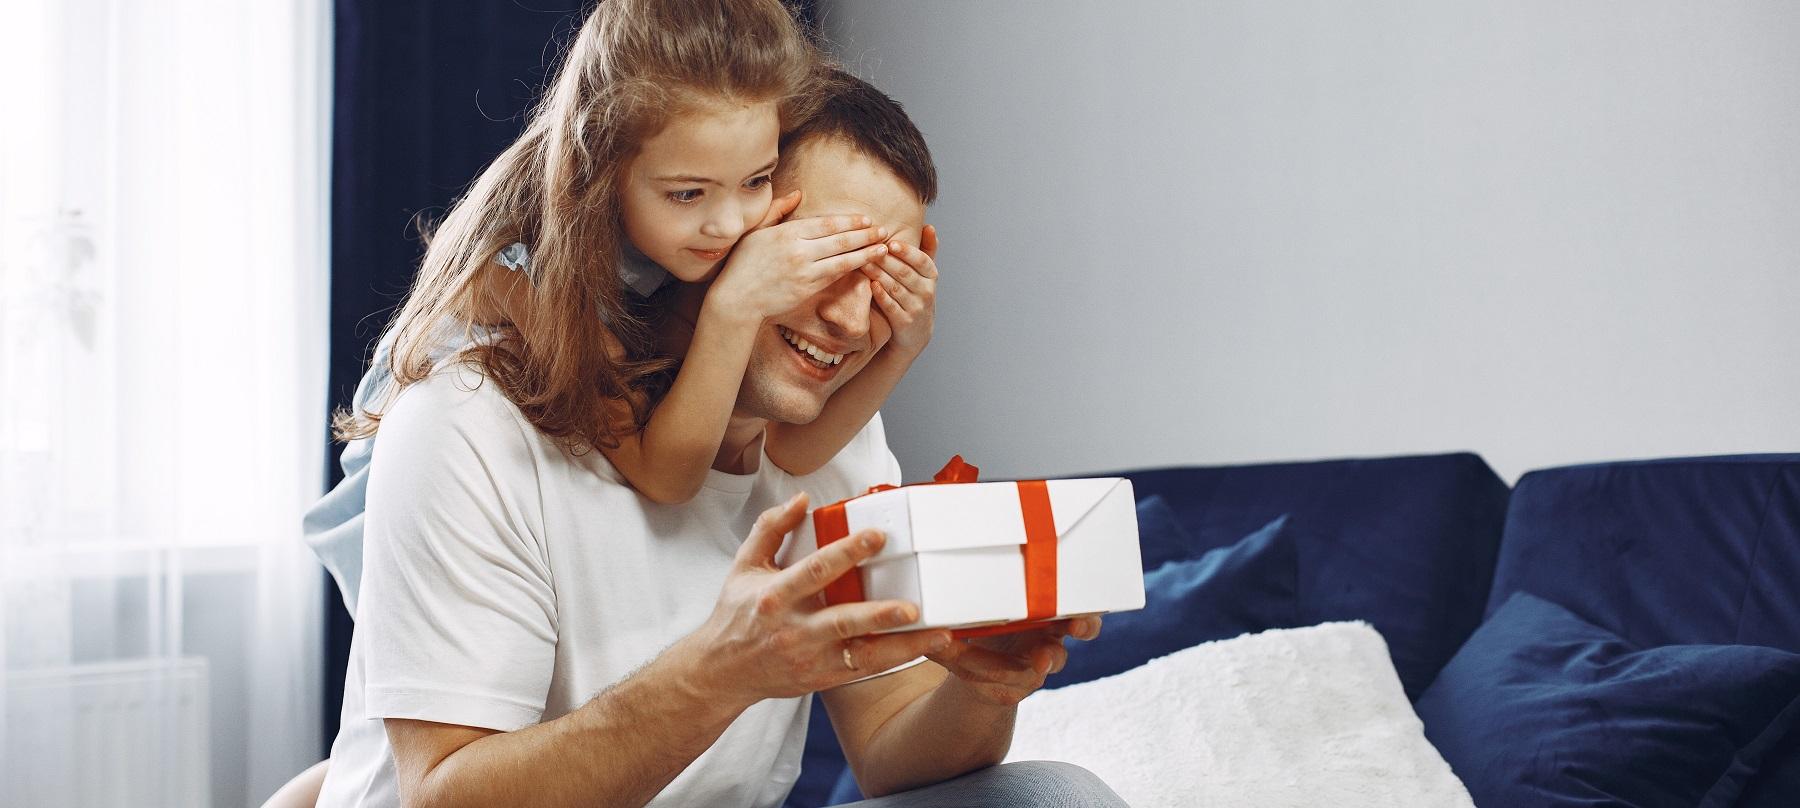 Vous avez pensé à la carte cadeau Castorama pour la Fête des pères ?